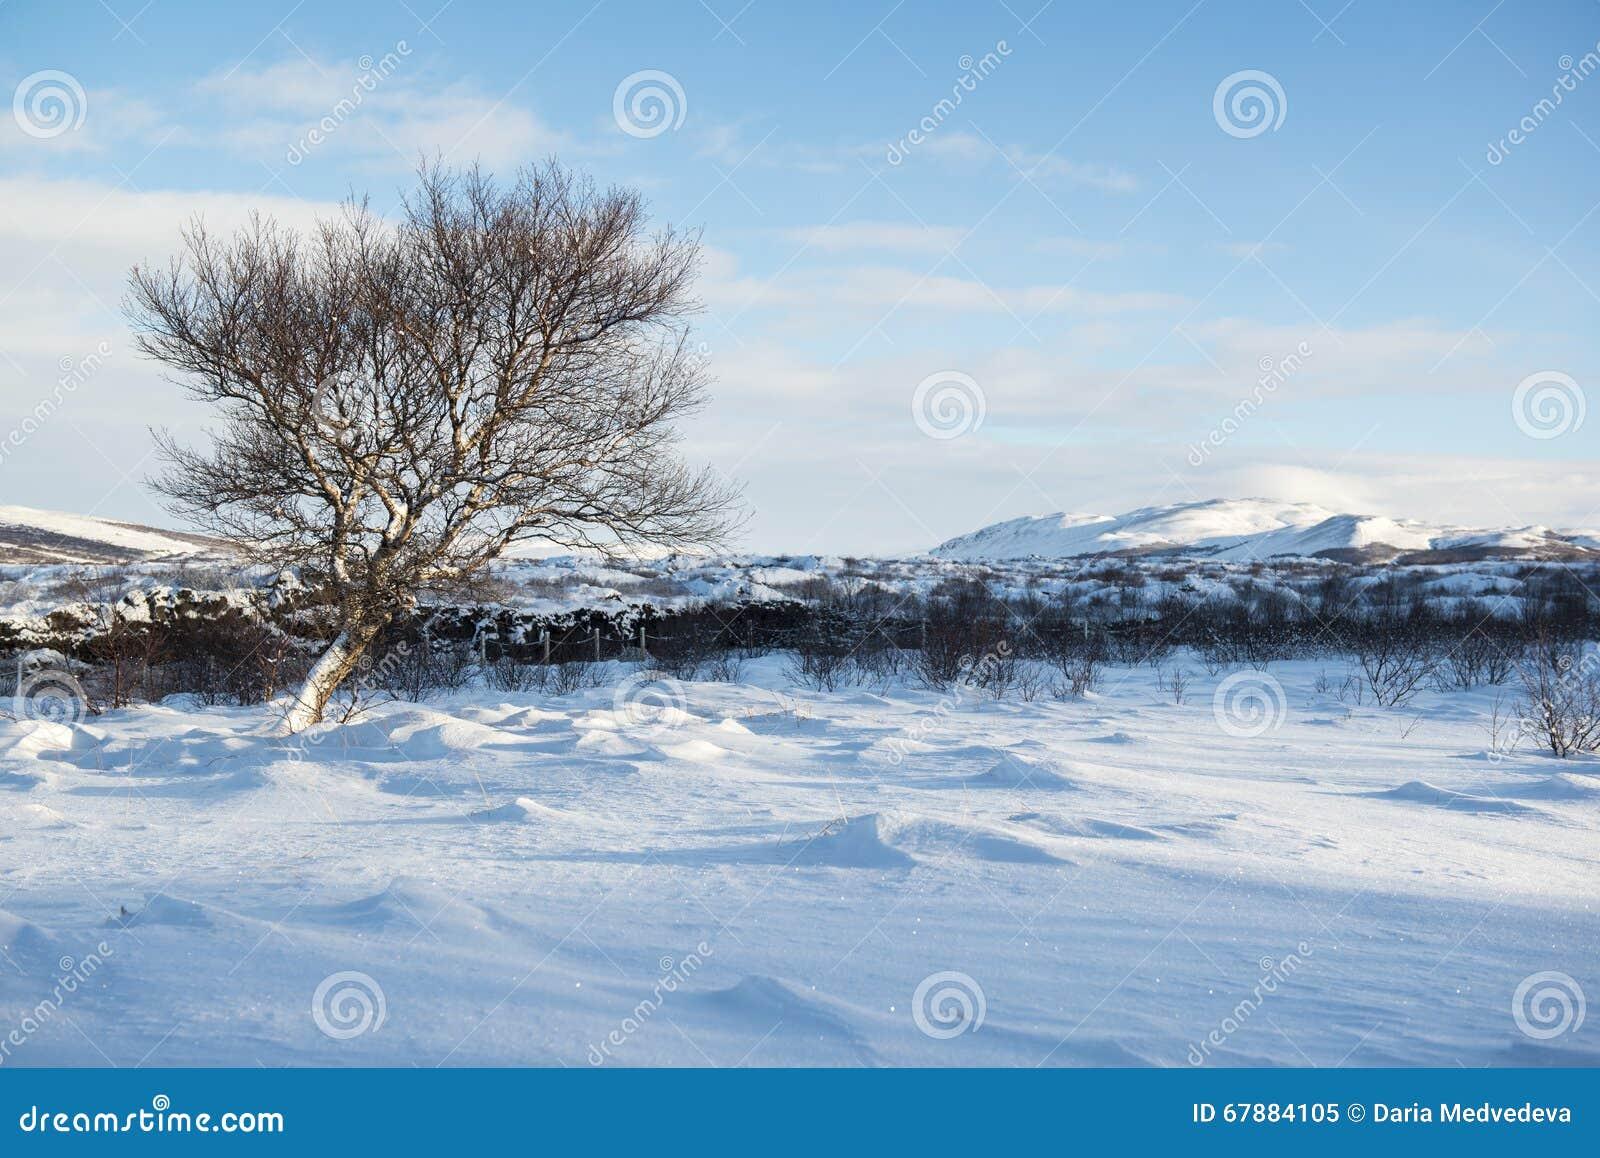 Τοπίο με τους αμμόλοφους χιονιού και ένα μόνο χειμερινό δέντρο, Ισλανδία